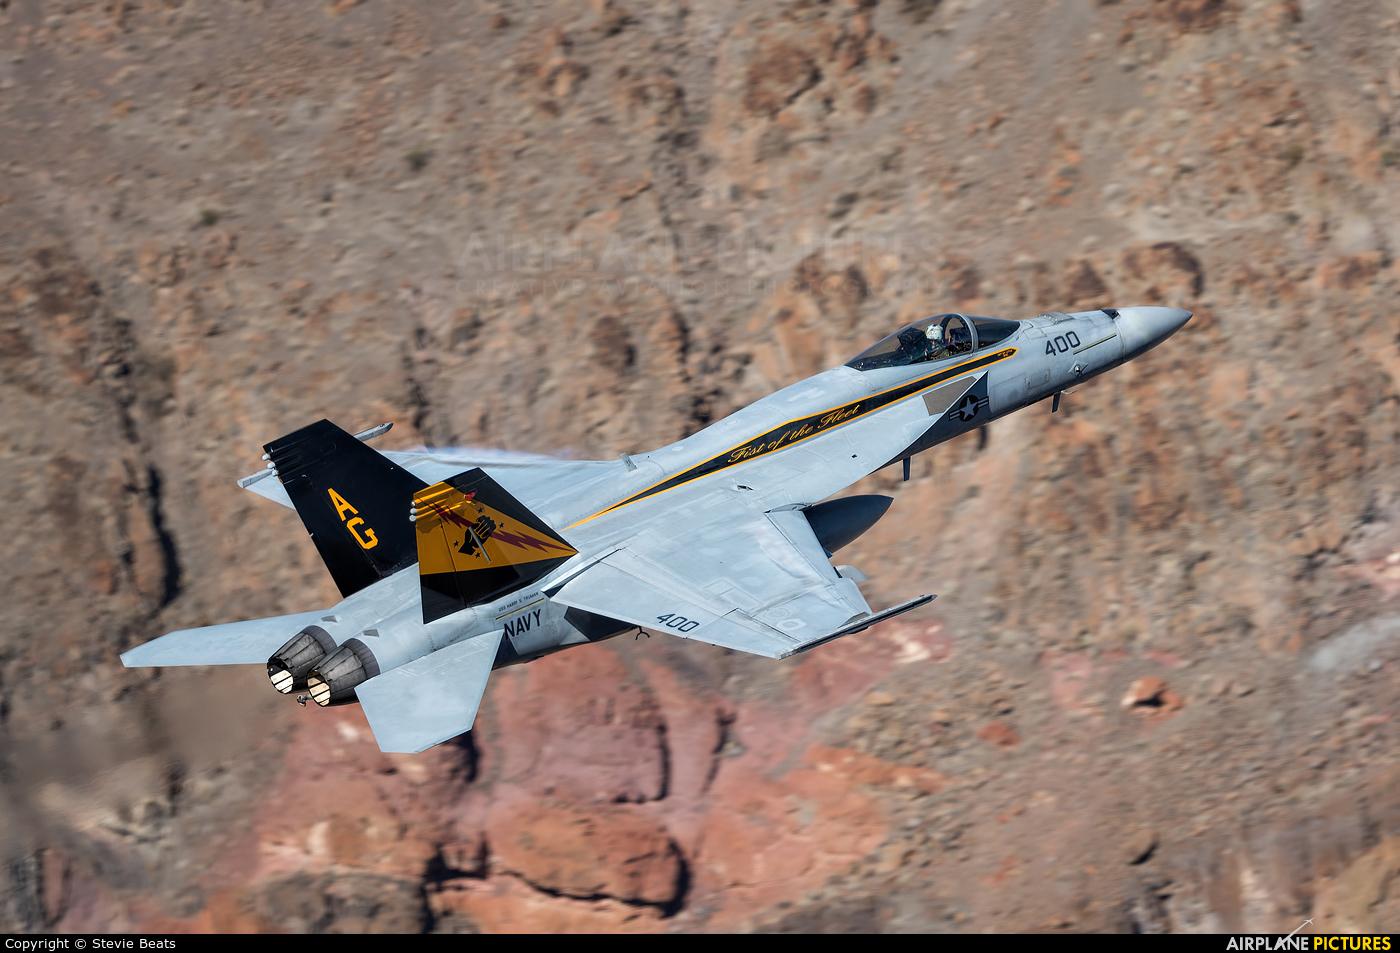 USA - Navy 166959 aircraft at Rainbow Canyon - Off Airport